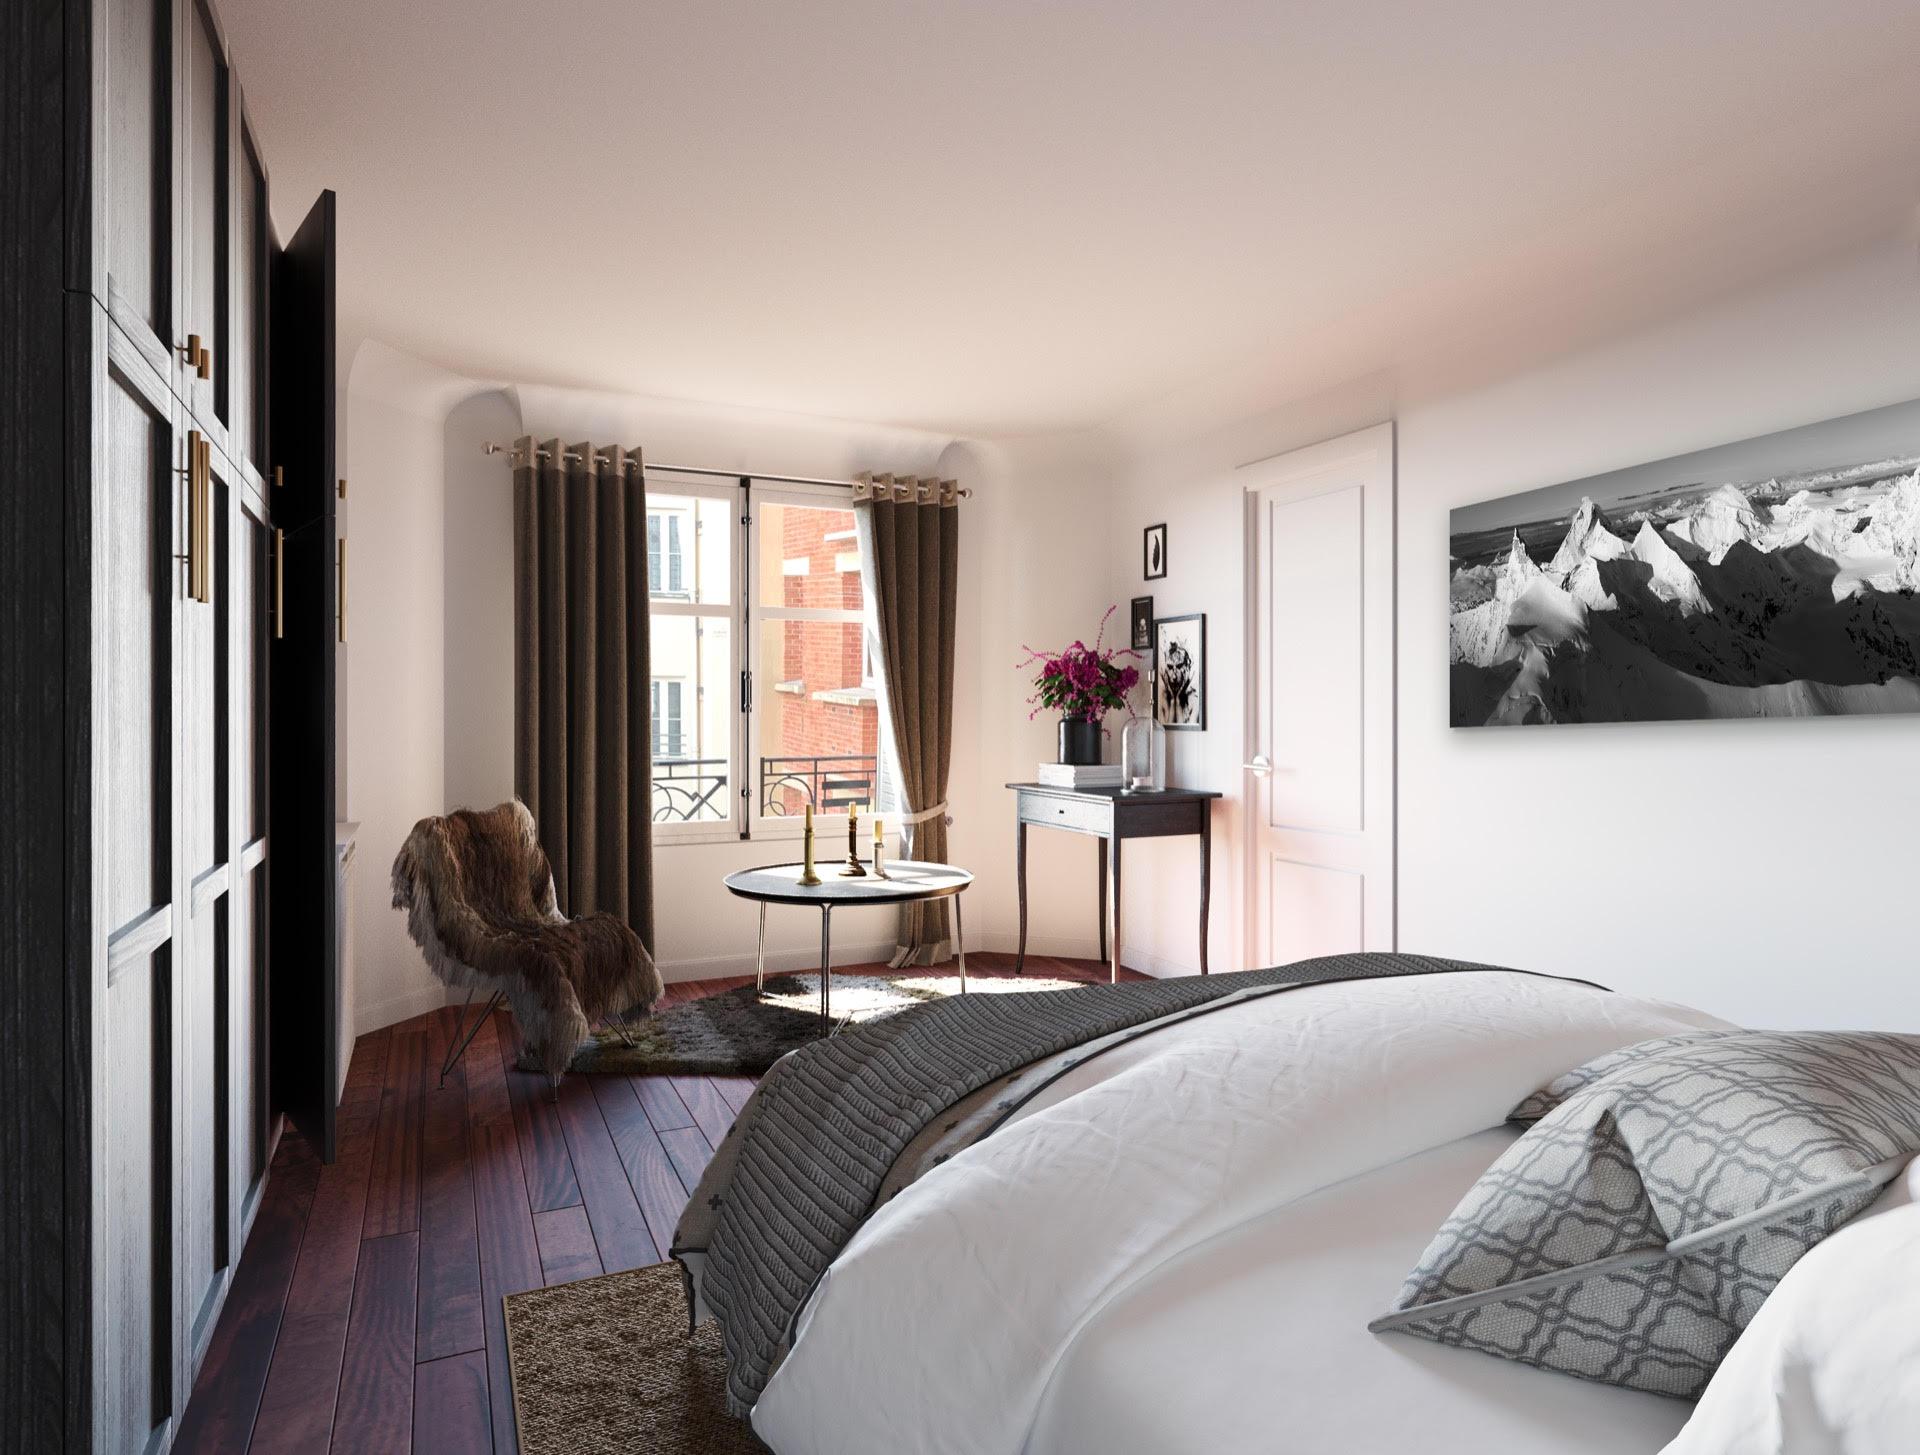 Cadre photo de montagne dans son appartement en ville